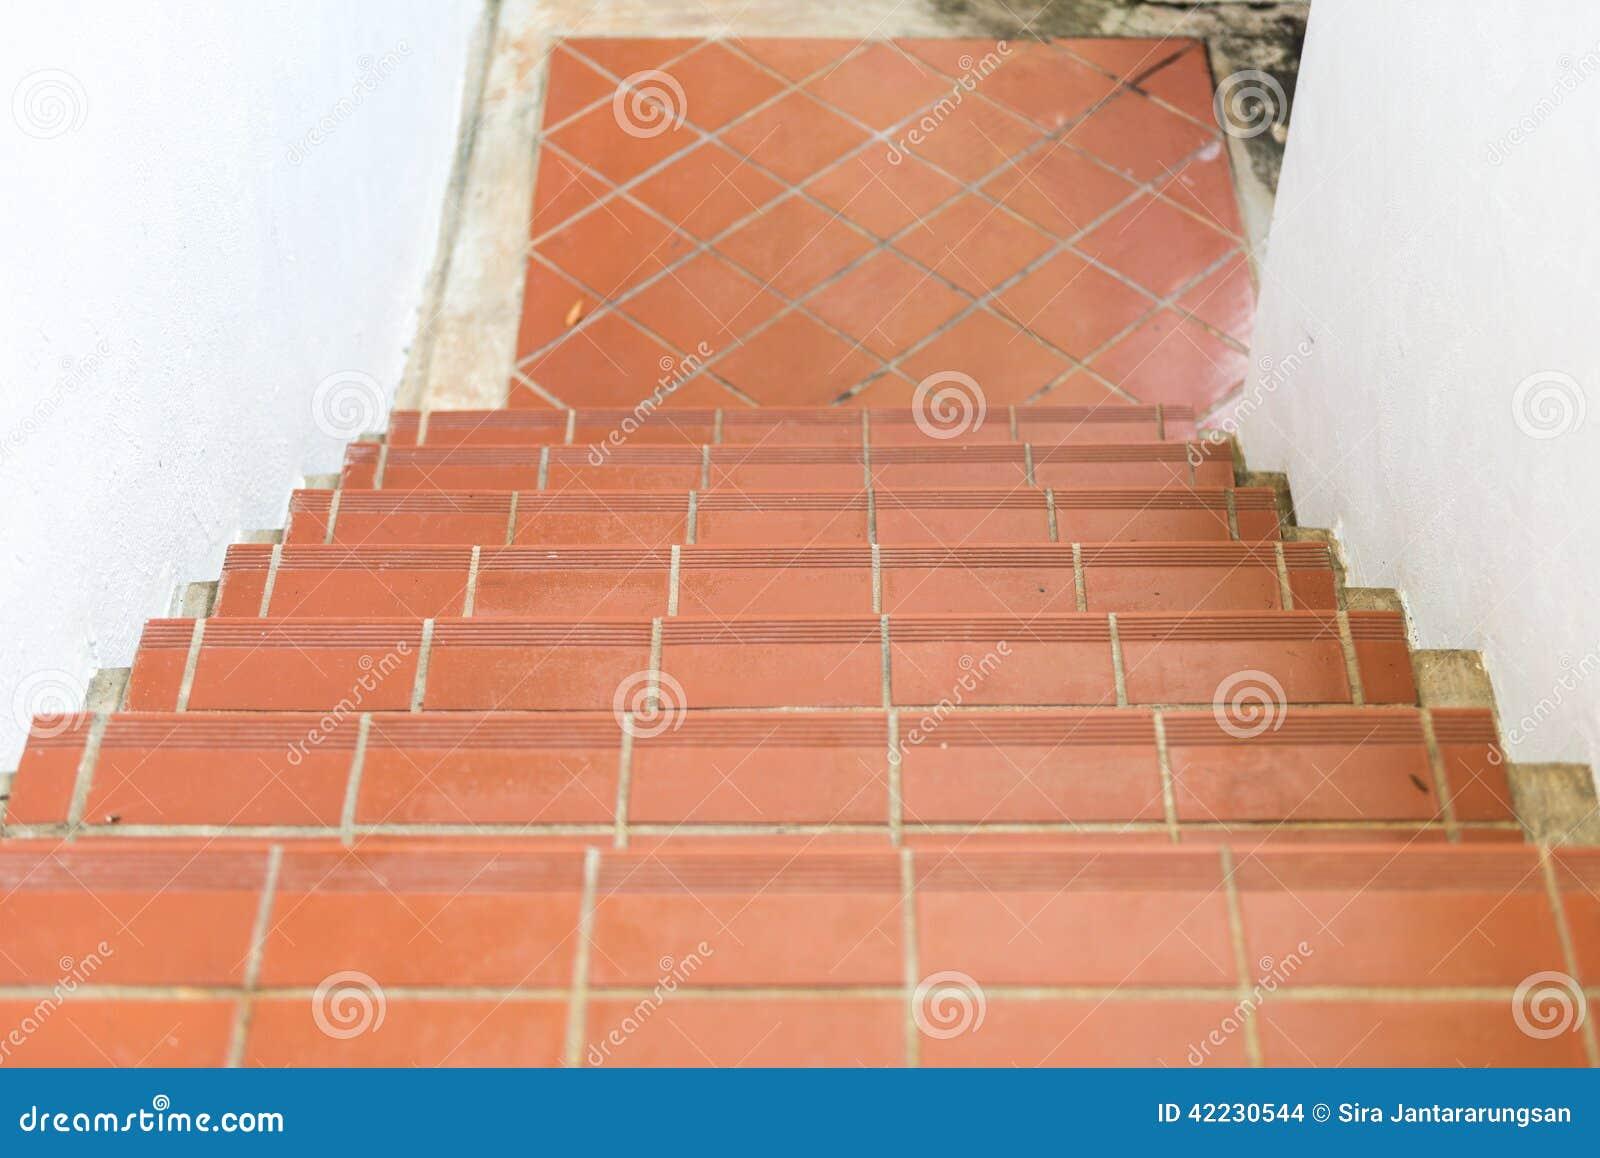 Escalera del ladrillo rojo foto de archivo imagen 42230544 - Escaleras de ladrillo ...